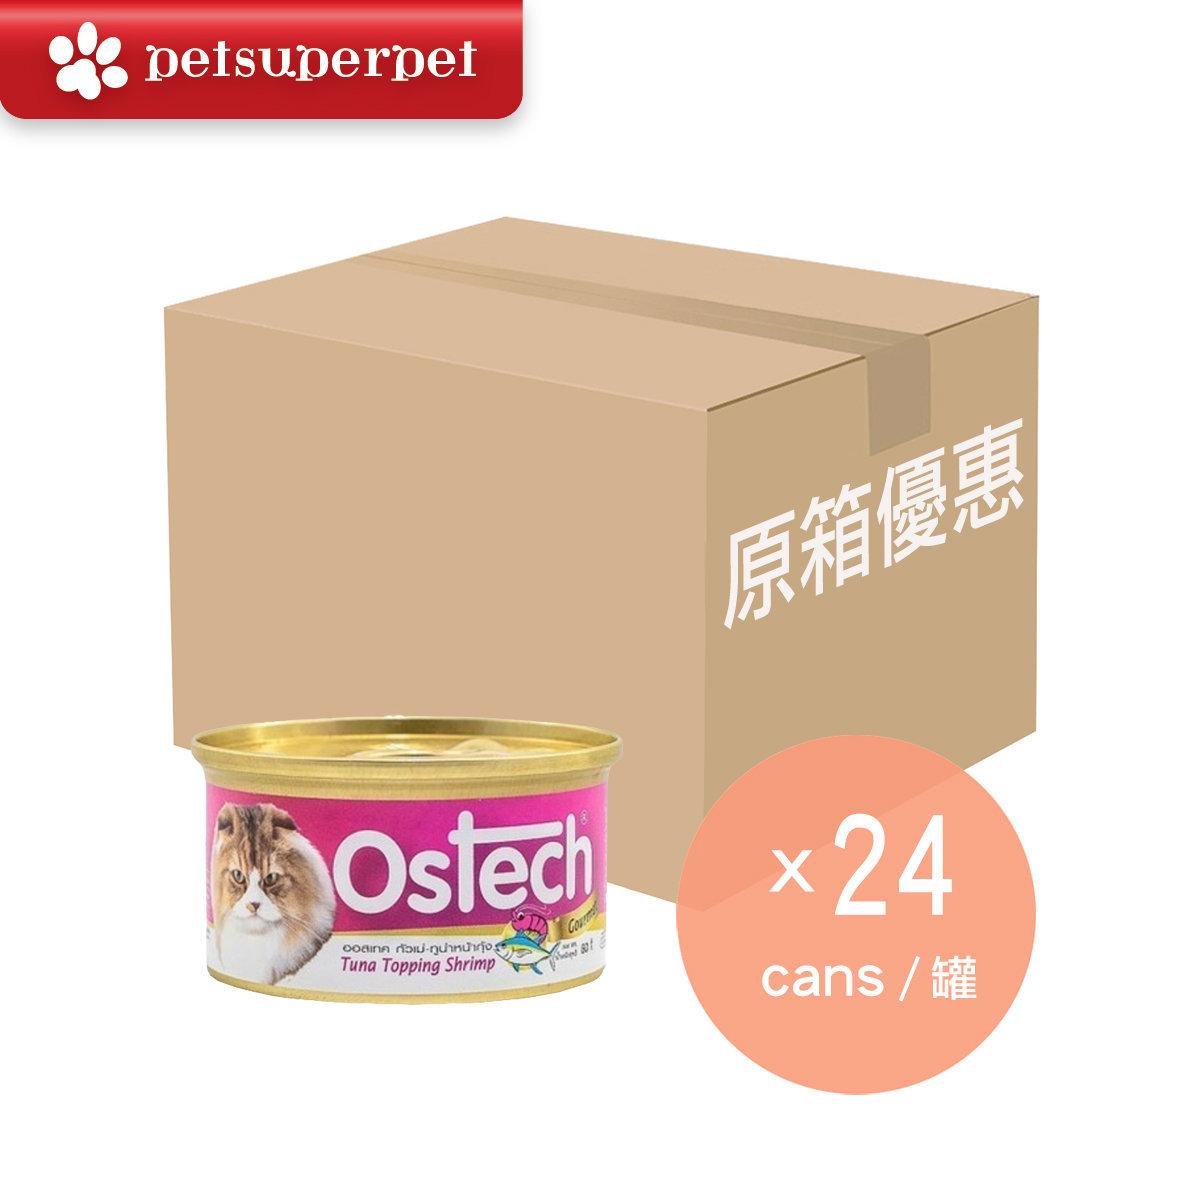 【原箱優惠】泰國吞拿魚 + 蝦貓罐 (24罐) -  80g x 24